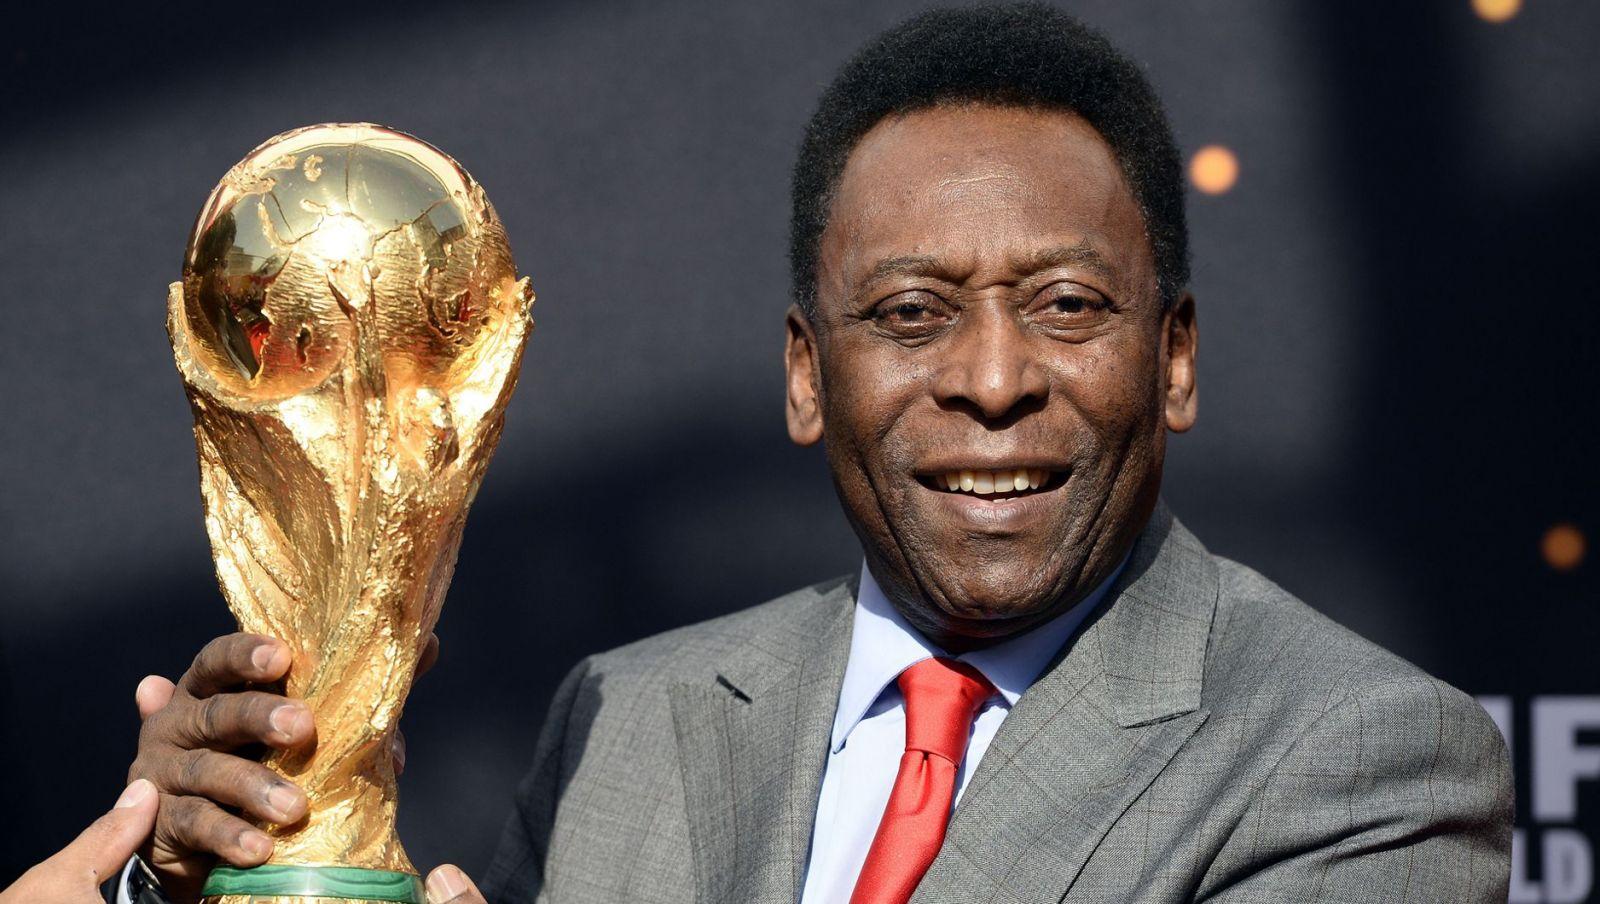 پله اسطوره فوتبال برزیل قهرمان این فصل لیگ برتر جزیره را لیورپول می داند.